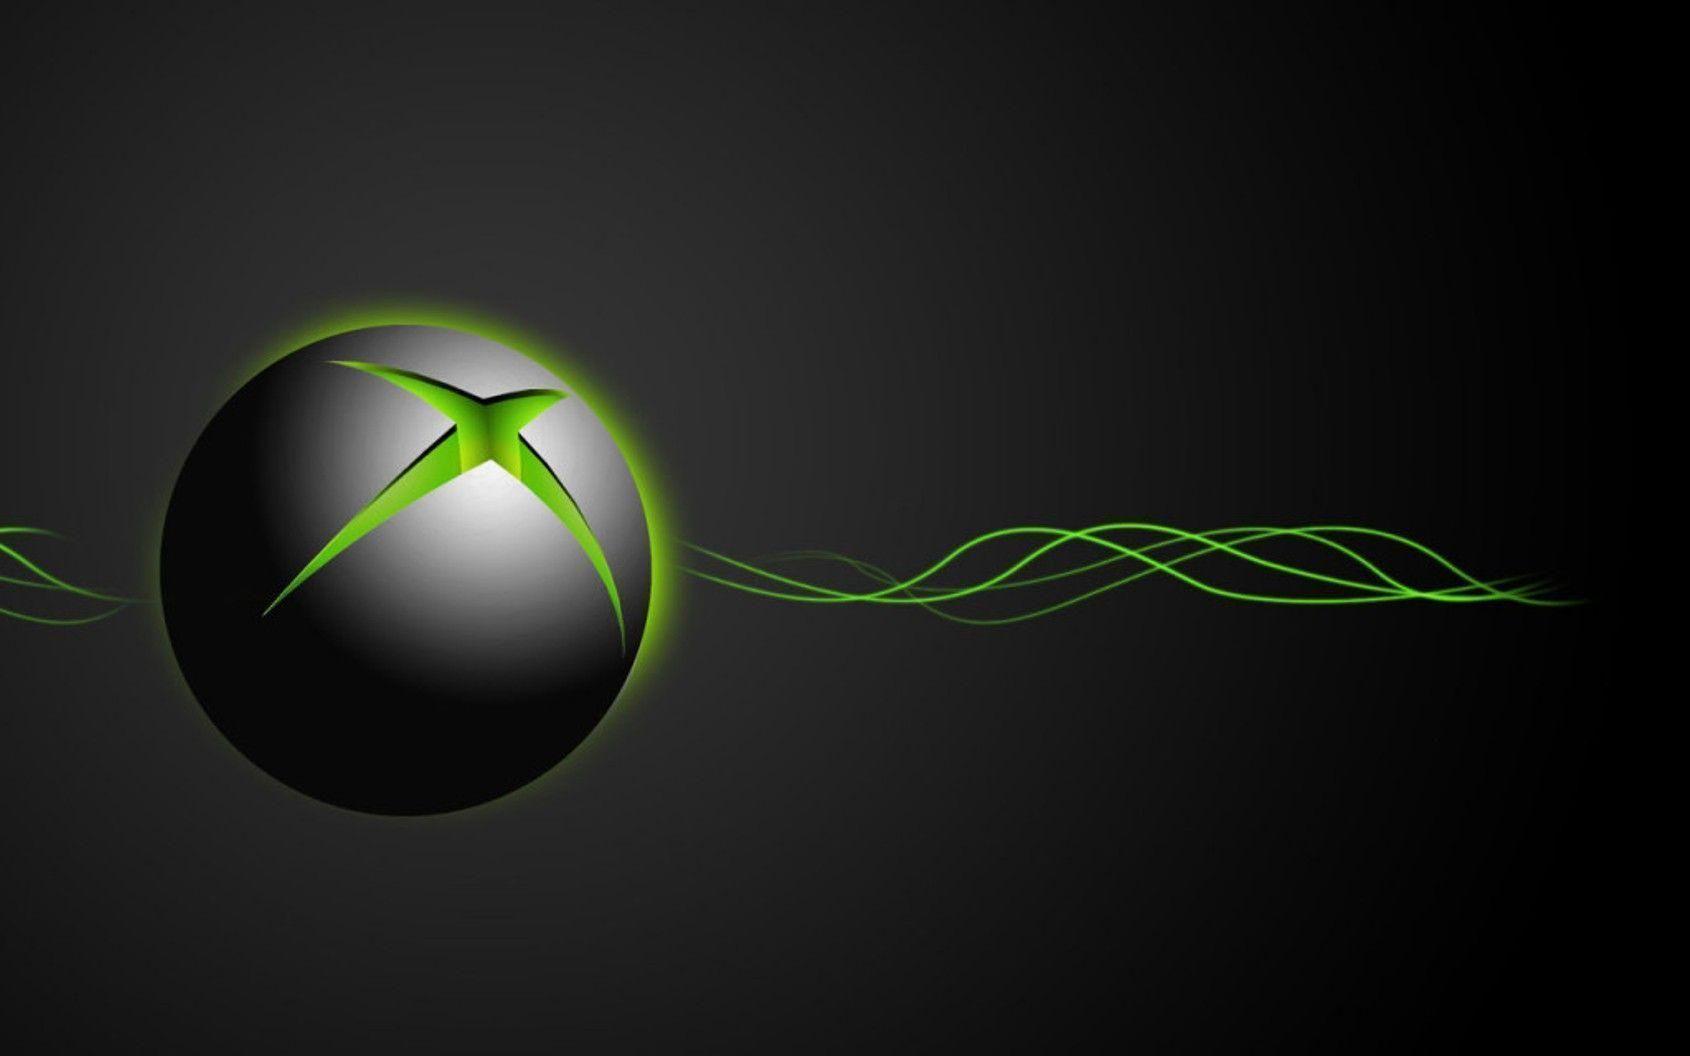 Xbox One 3d Logo Wallpapers Em 2020 Papel De Parede Pc Hd 1080p Xbox